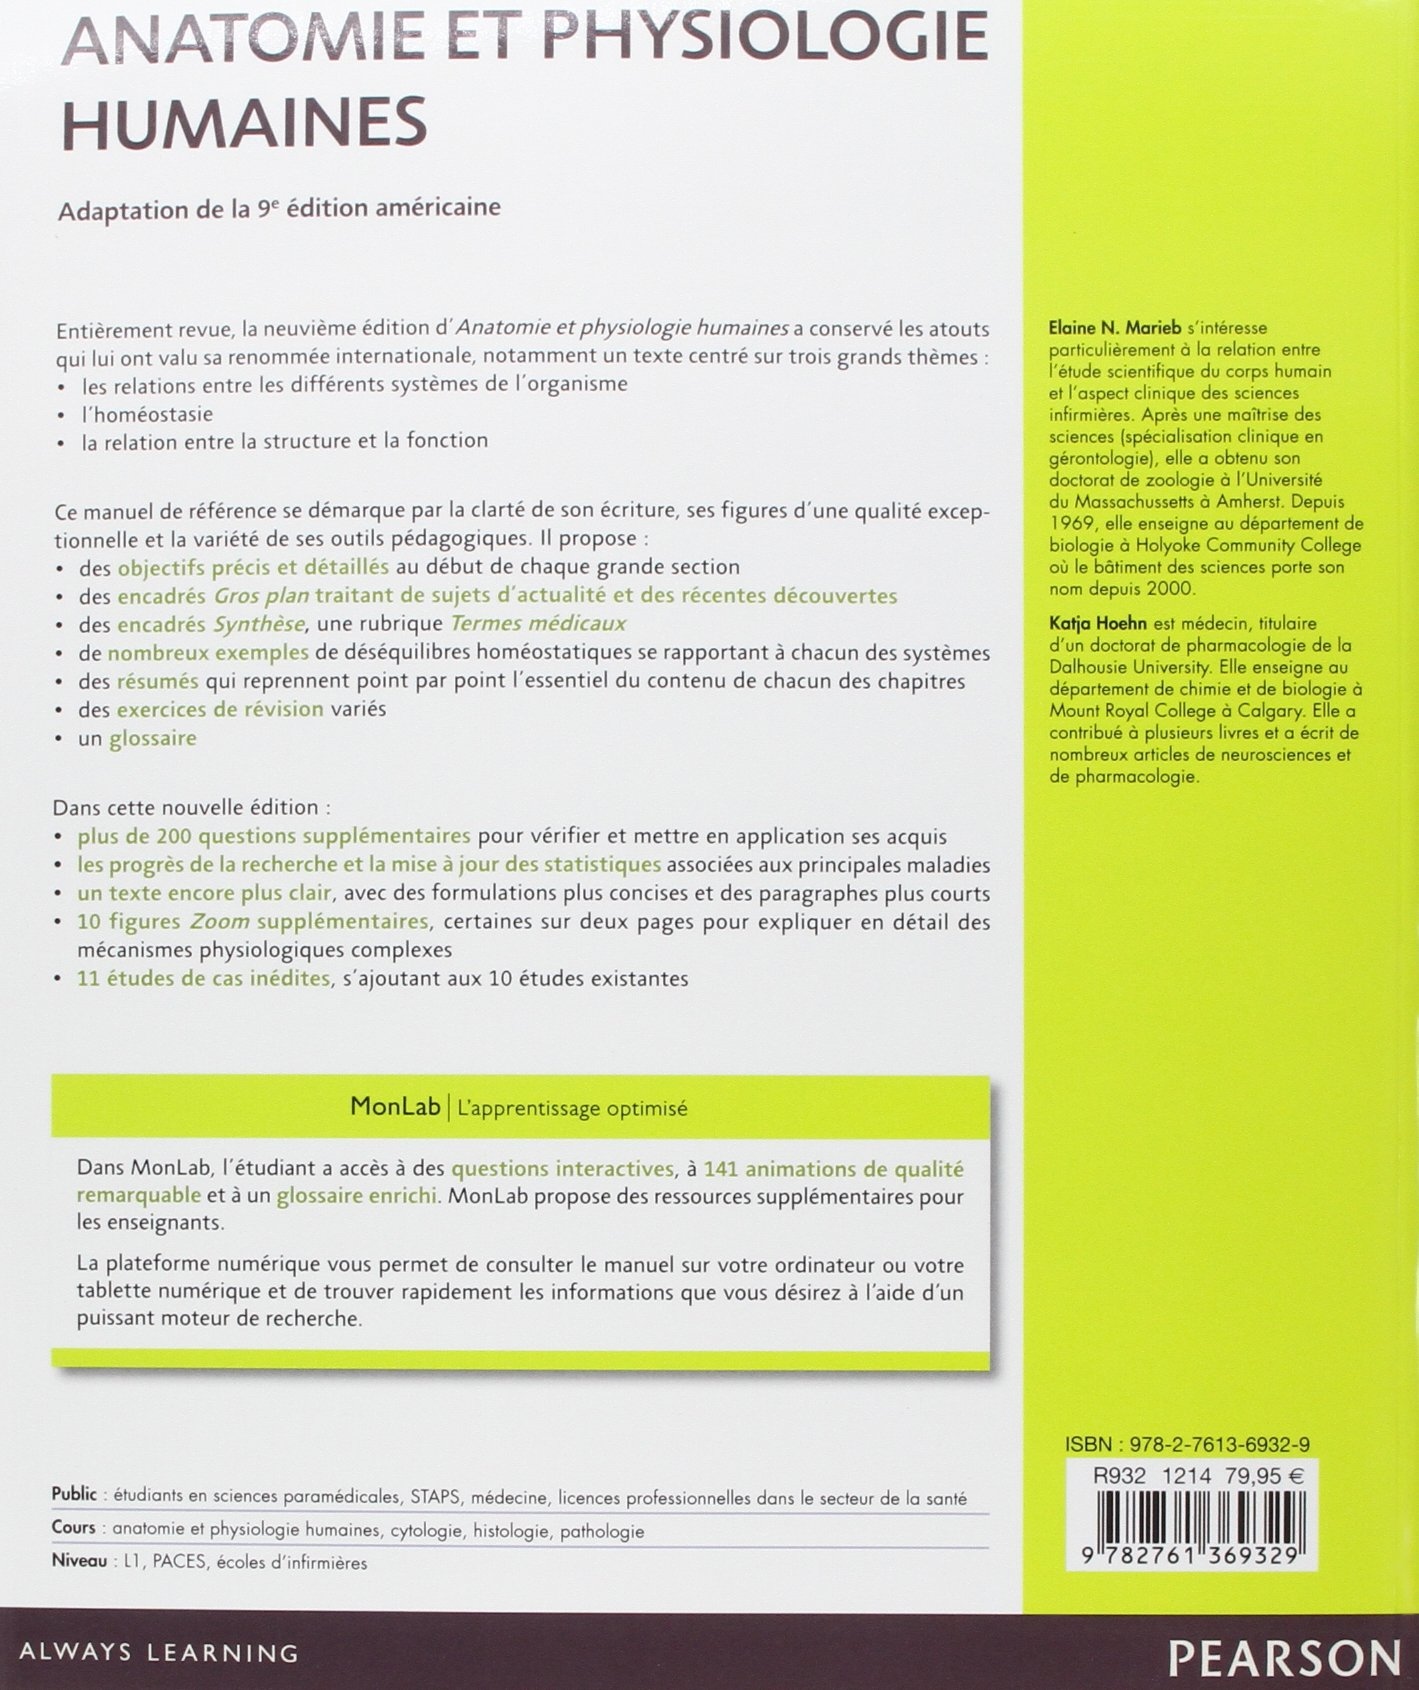 Anatomie et physiologie humaines: Amazon.de: Linda Moussakova, René ...